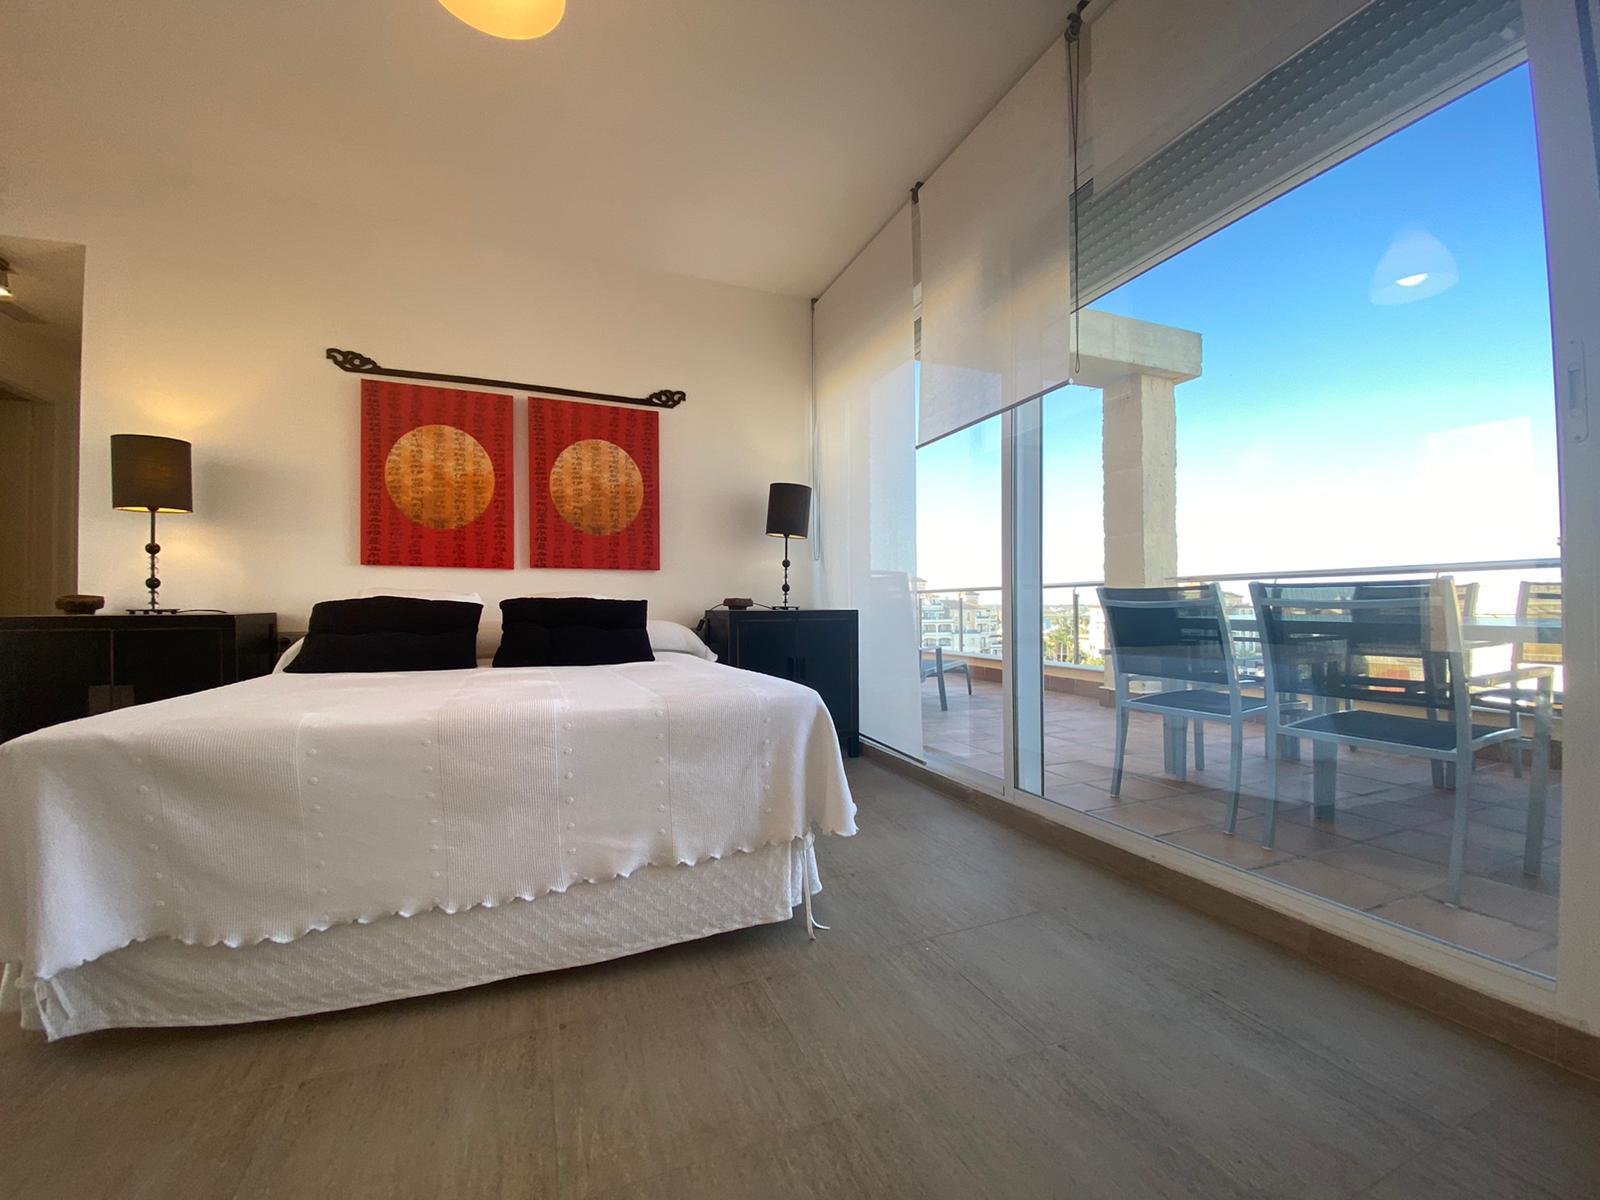 Imagen 22 del Apartamento Turístico, Ático 6 Levante (3d+2b), Punta del Moral (HUELVA), Paseo de la Cruz nº22